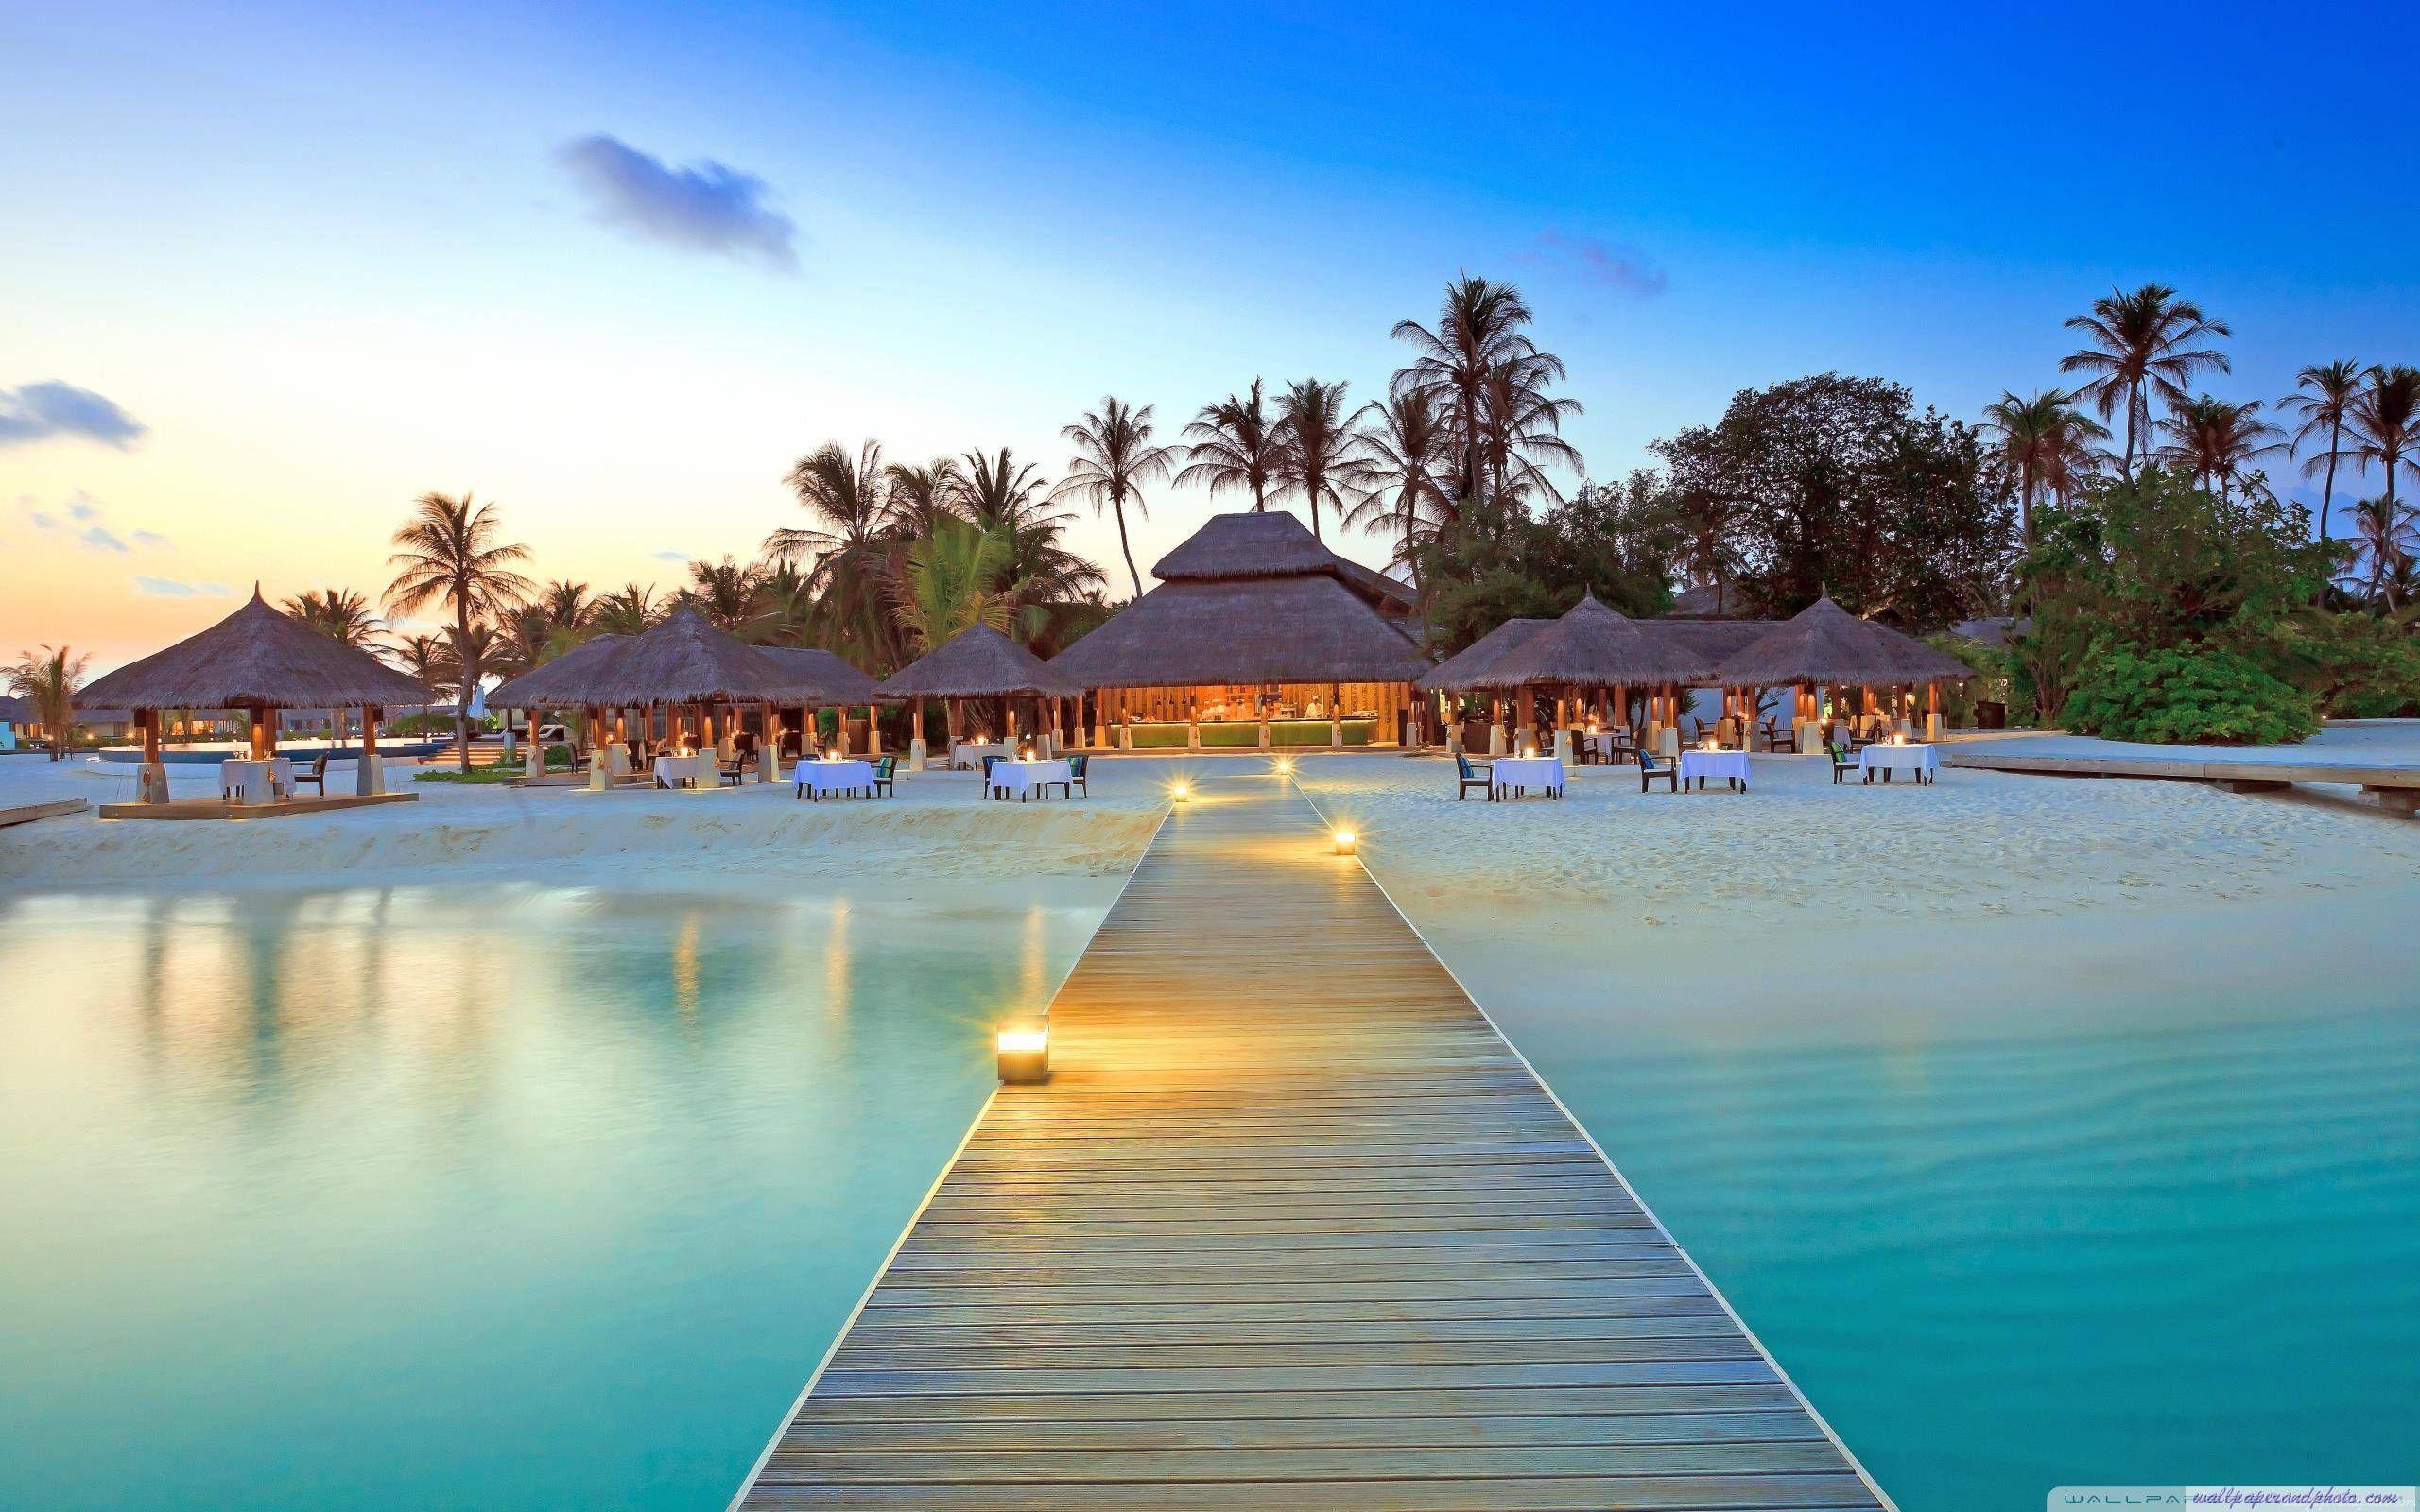 2560x1600 Maldive Islands Resort Hình nền máy tính HD 16: 9 16:10: Màn hình rộng: Cao.  Khu nghỉ mát trên đảo, Hình nền bãi biển, Các bãi biển trên thế giới